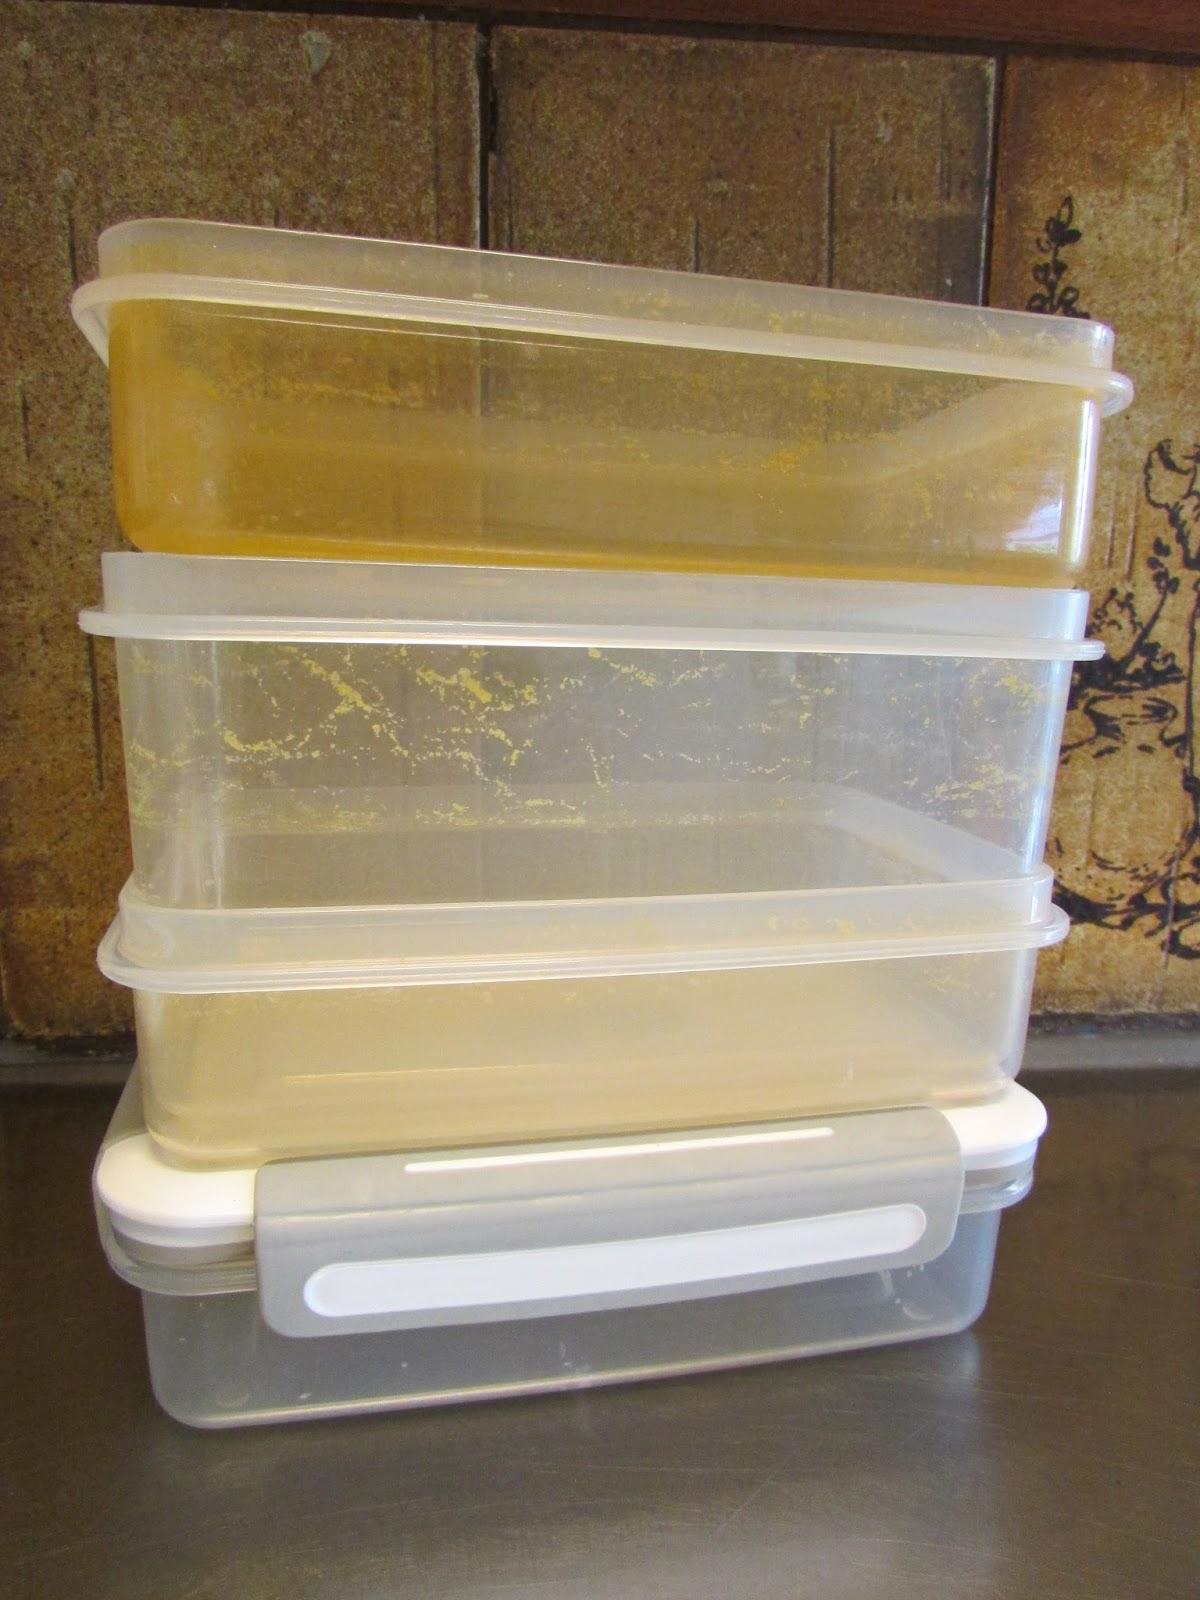 plastbeholder til fødevarer